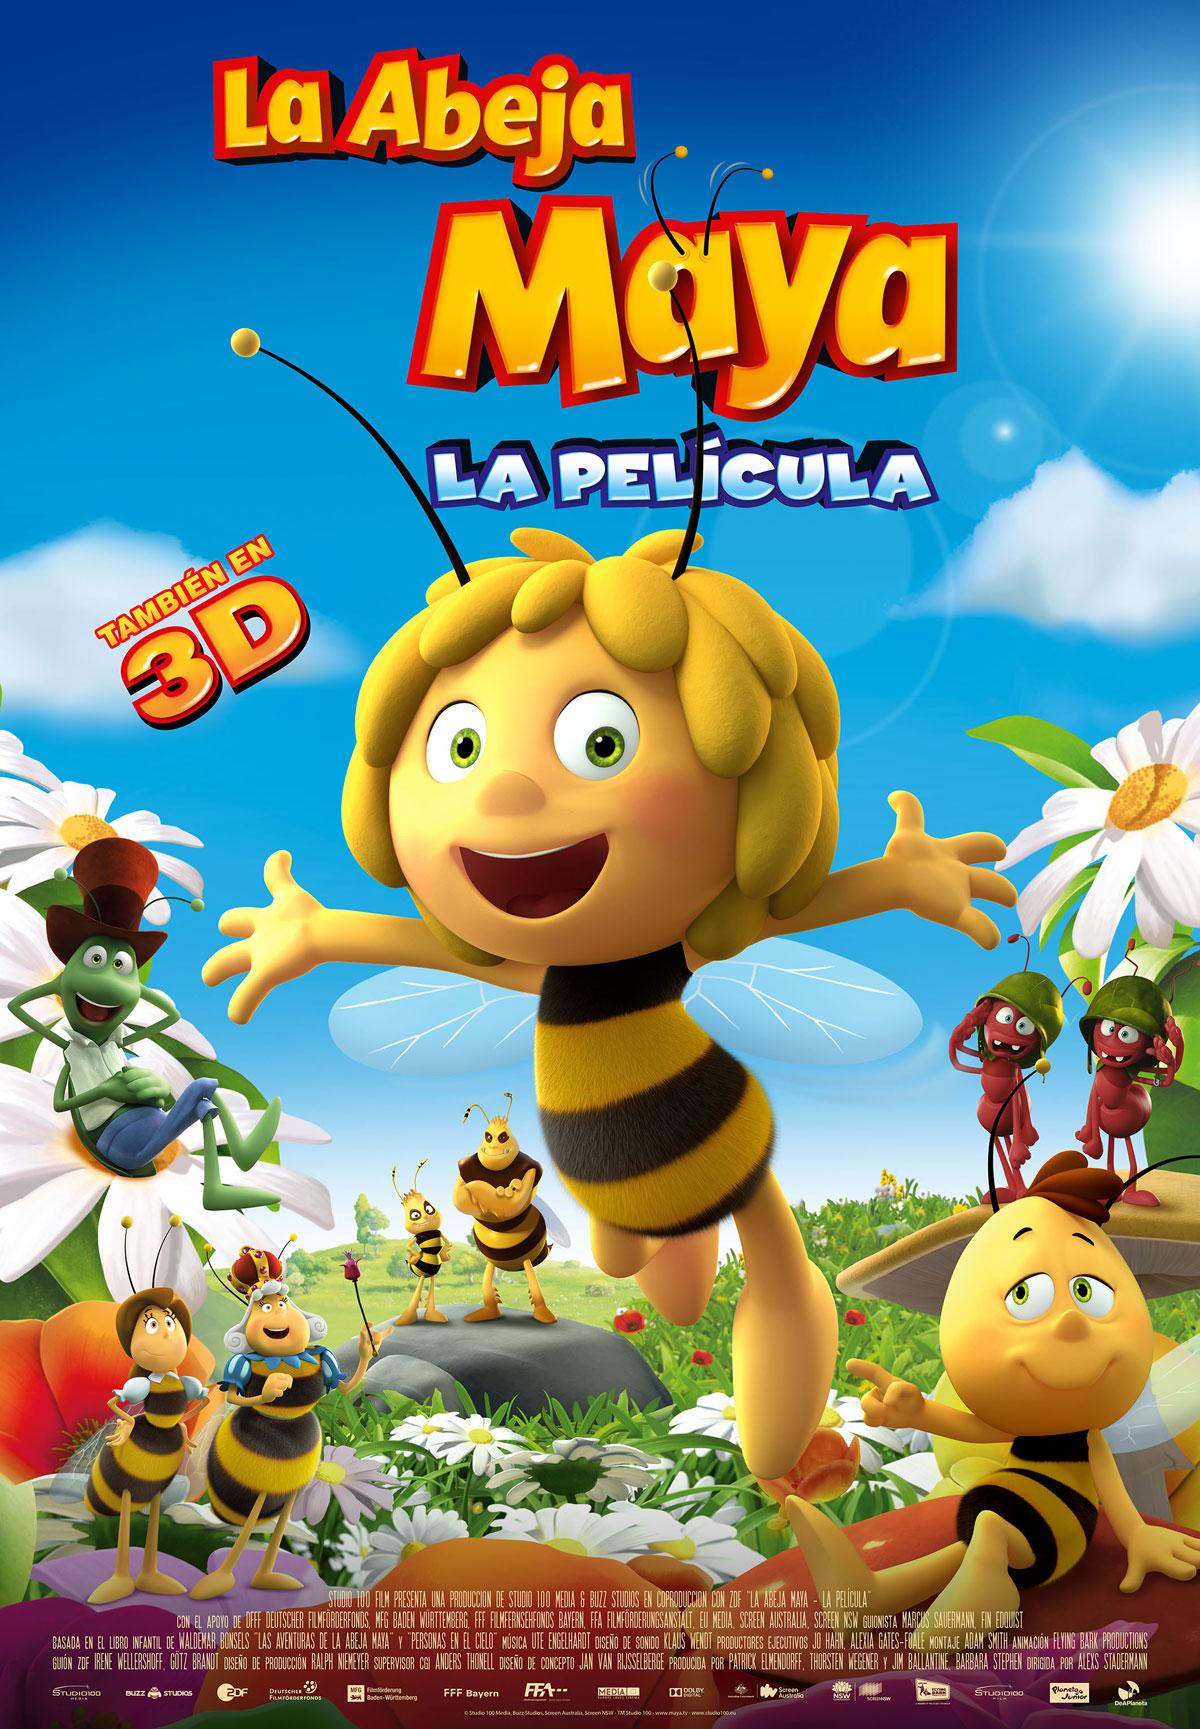 Resultado de imagen de abeja maya la pelicula completa